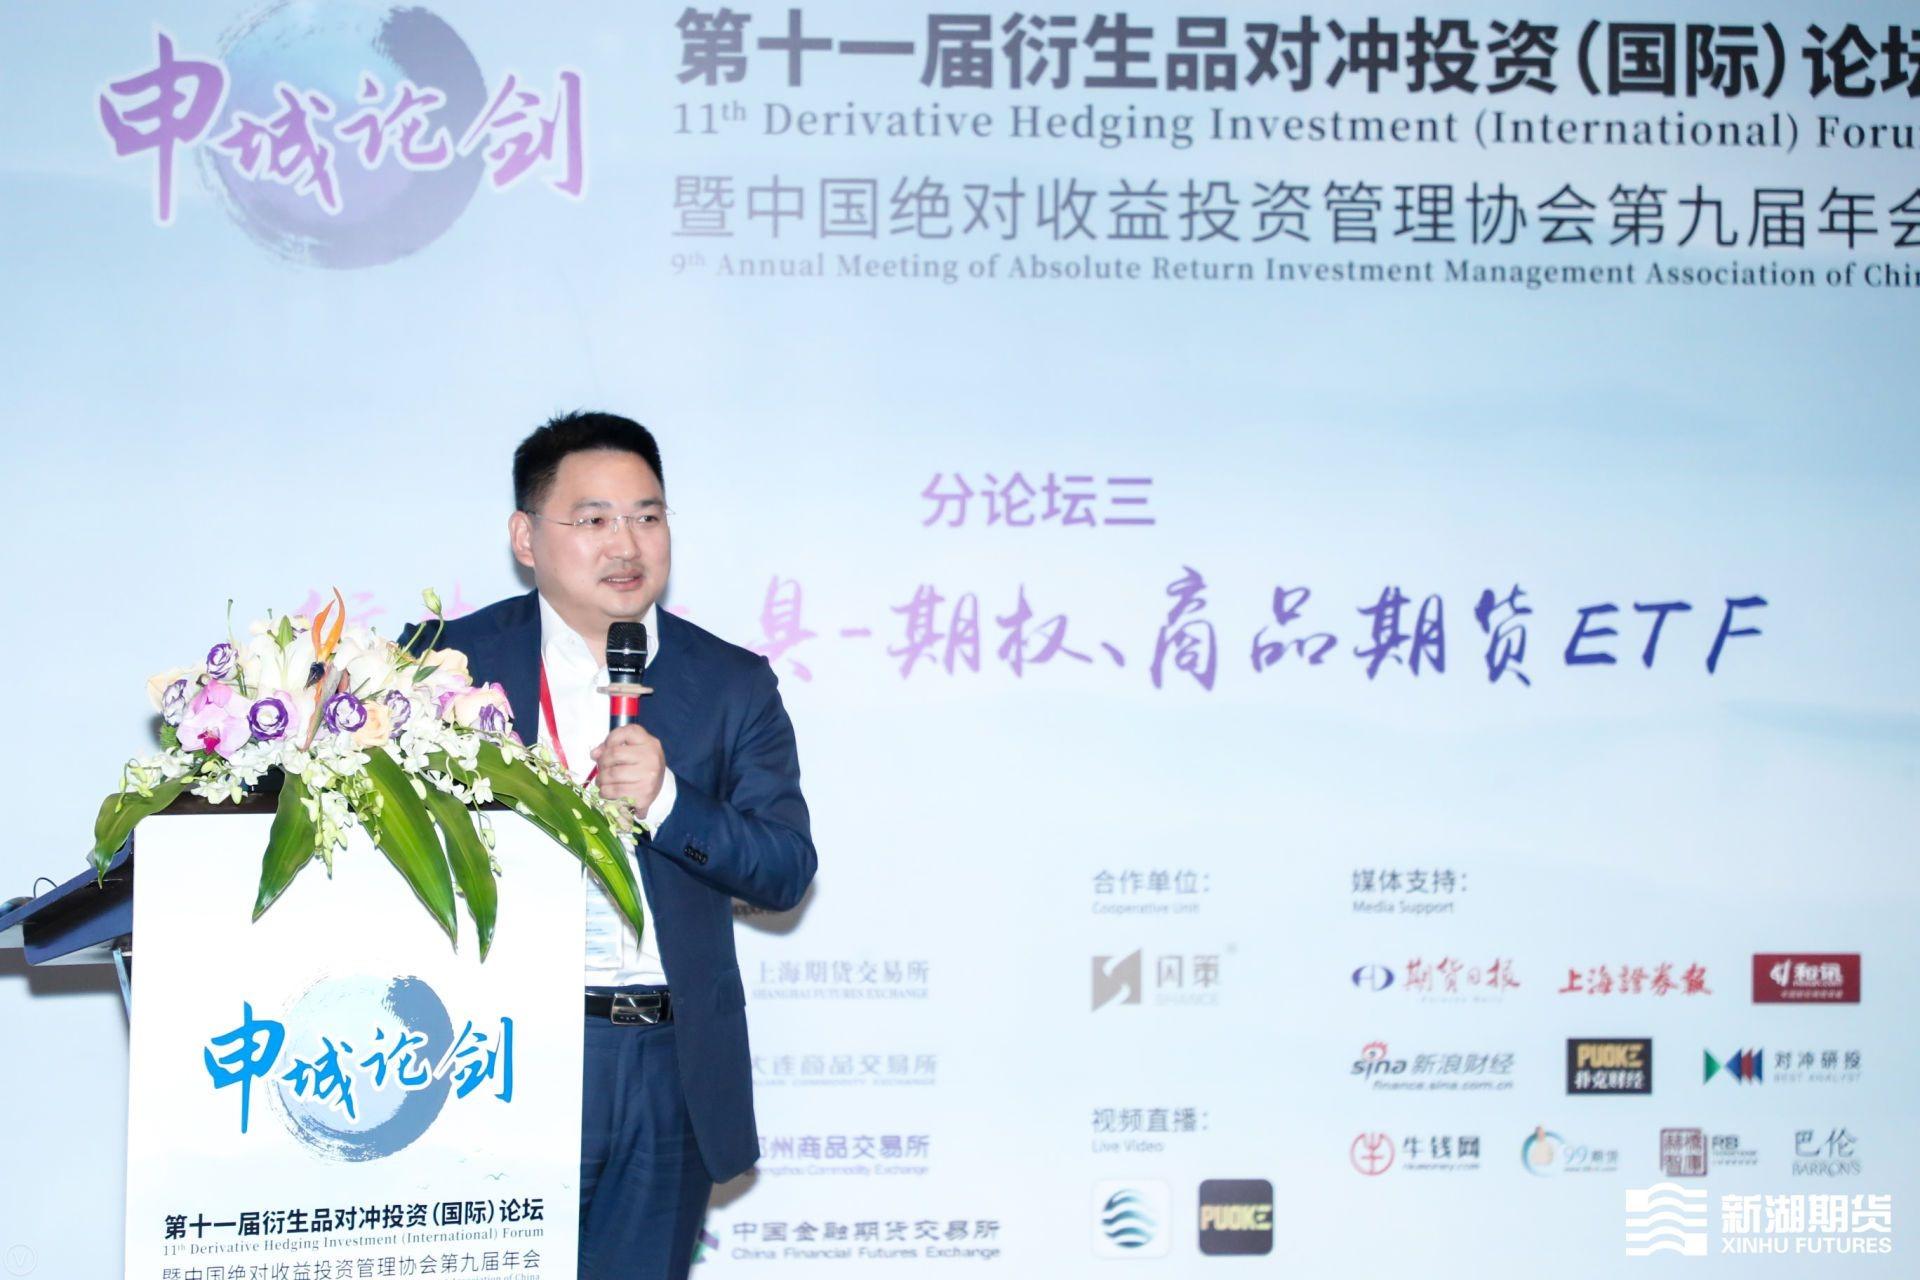 黄瑞庆:商品期货ETF较期货投资更便捷